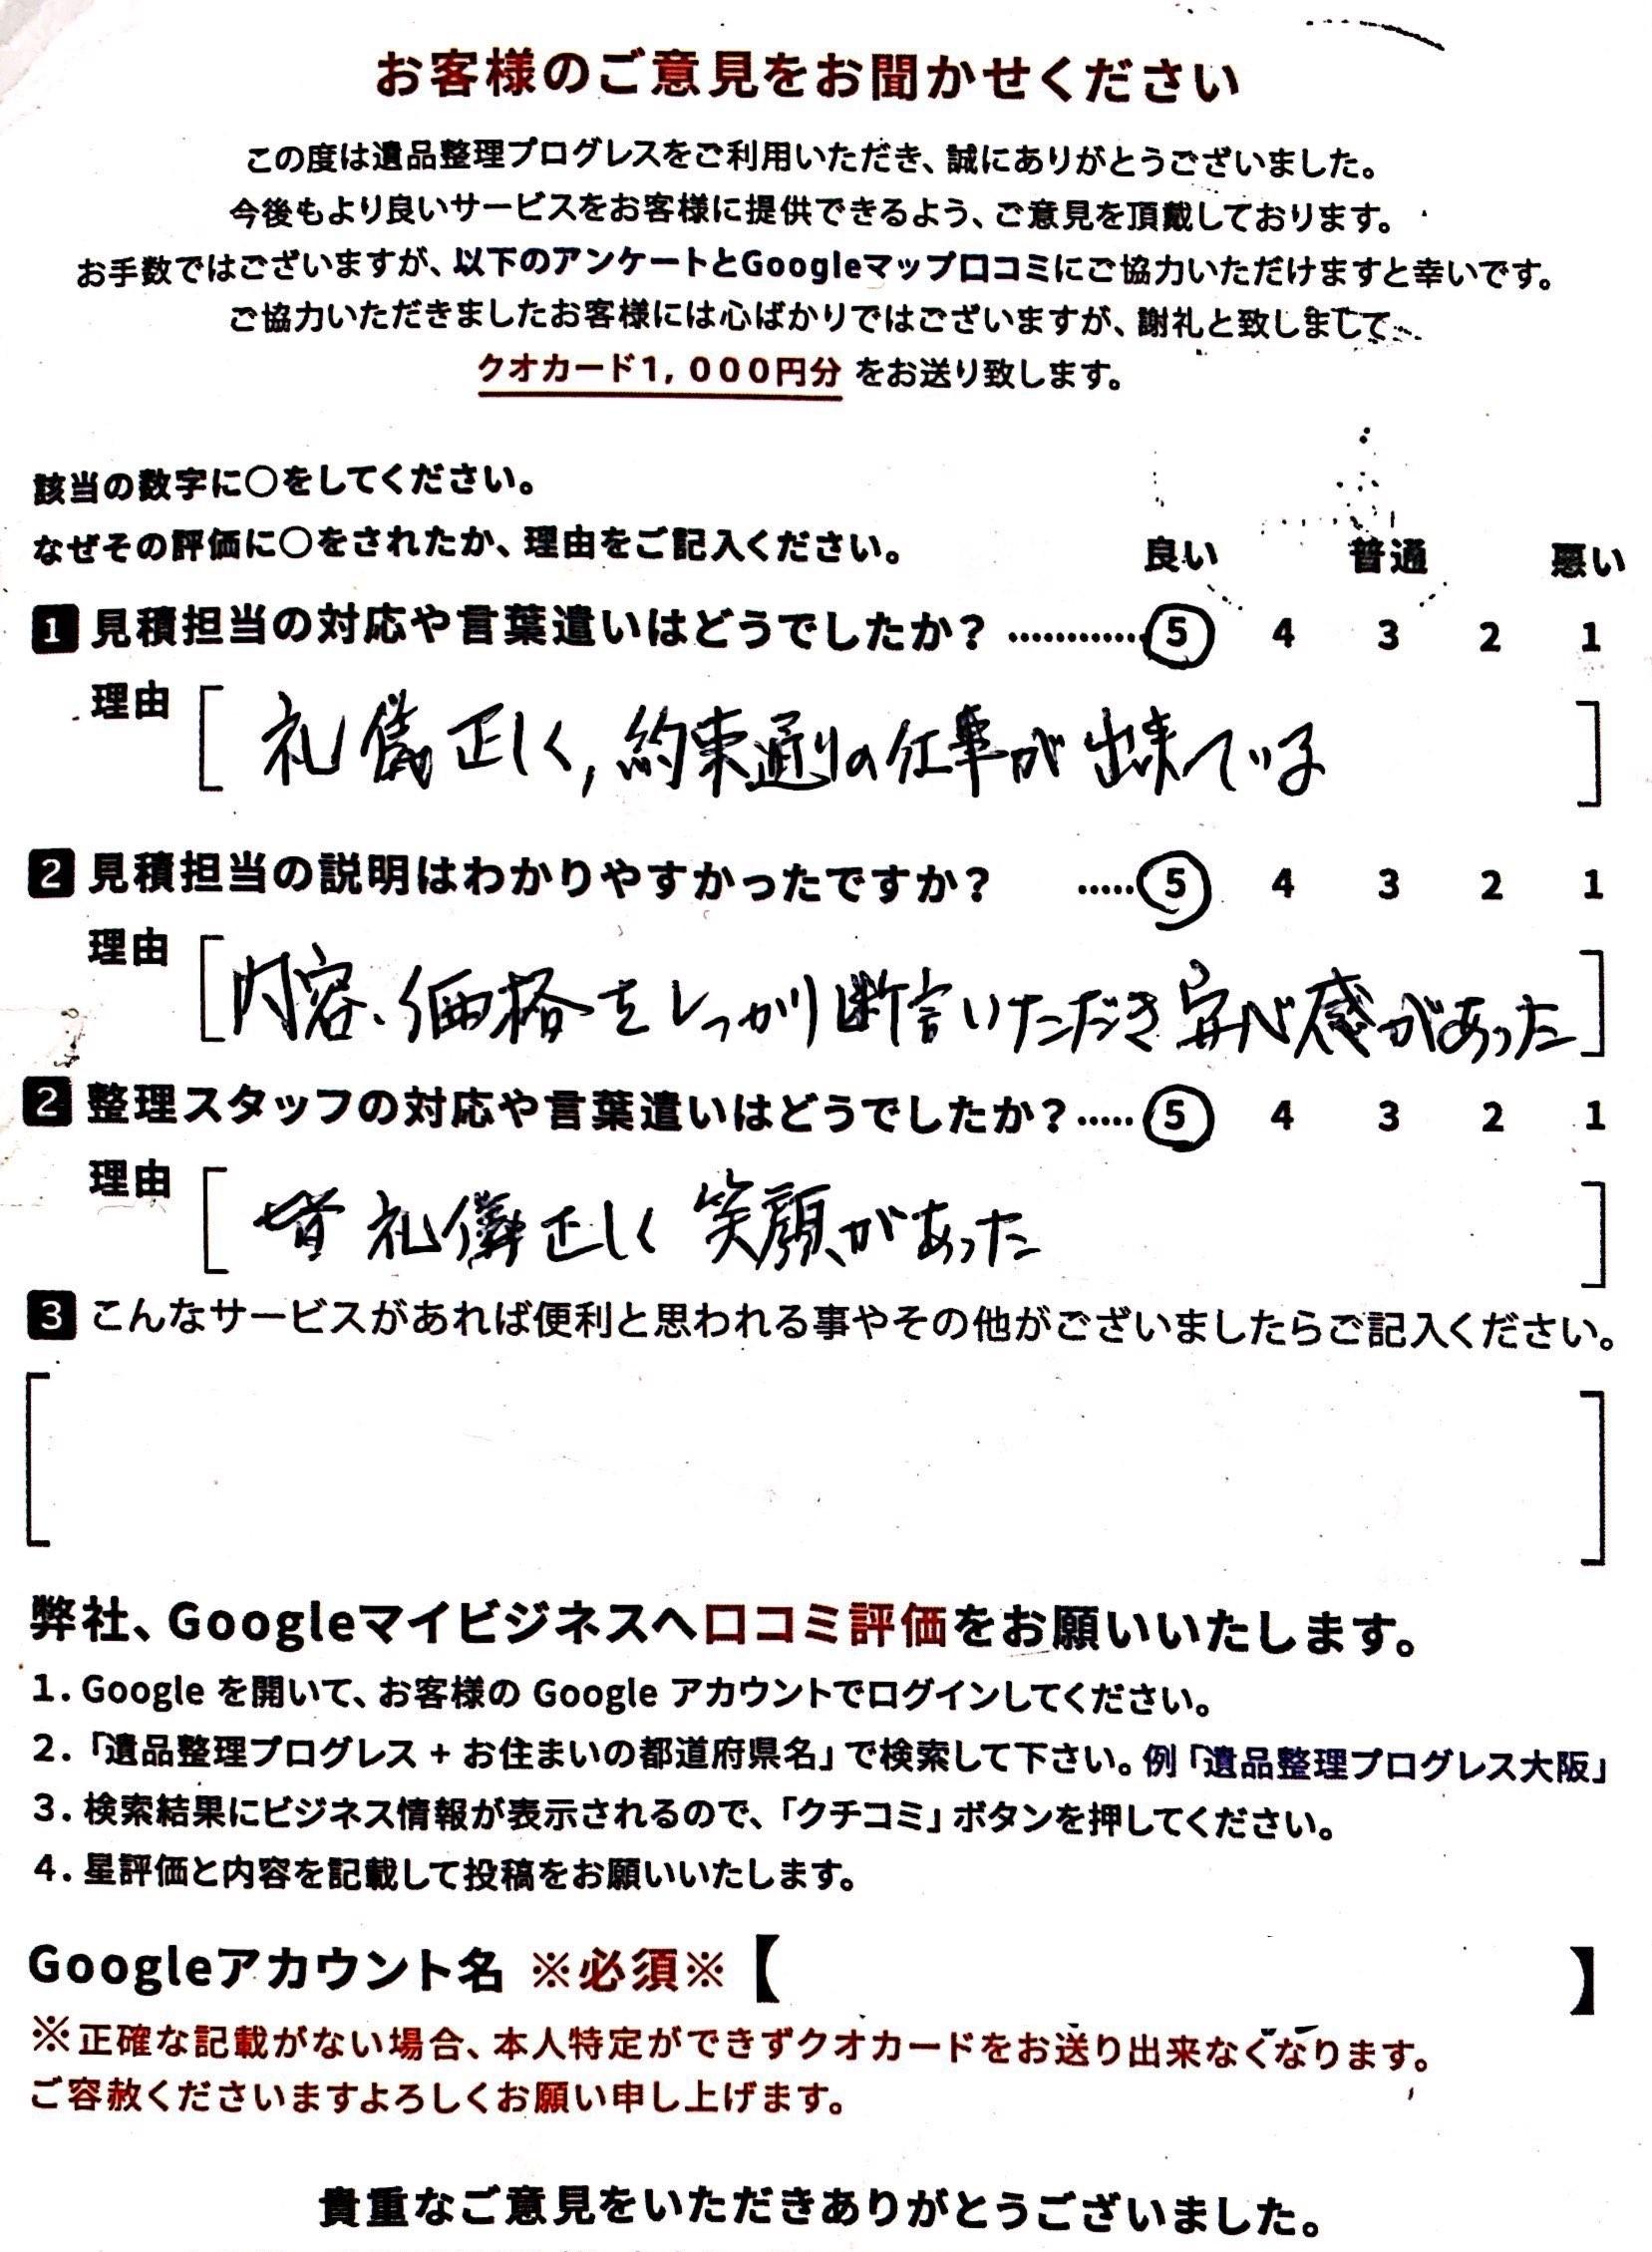 千葉県我孫子市 M・K様のアンケート用紙